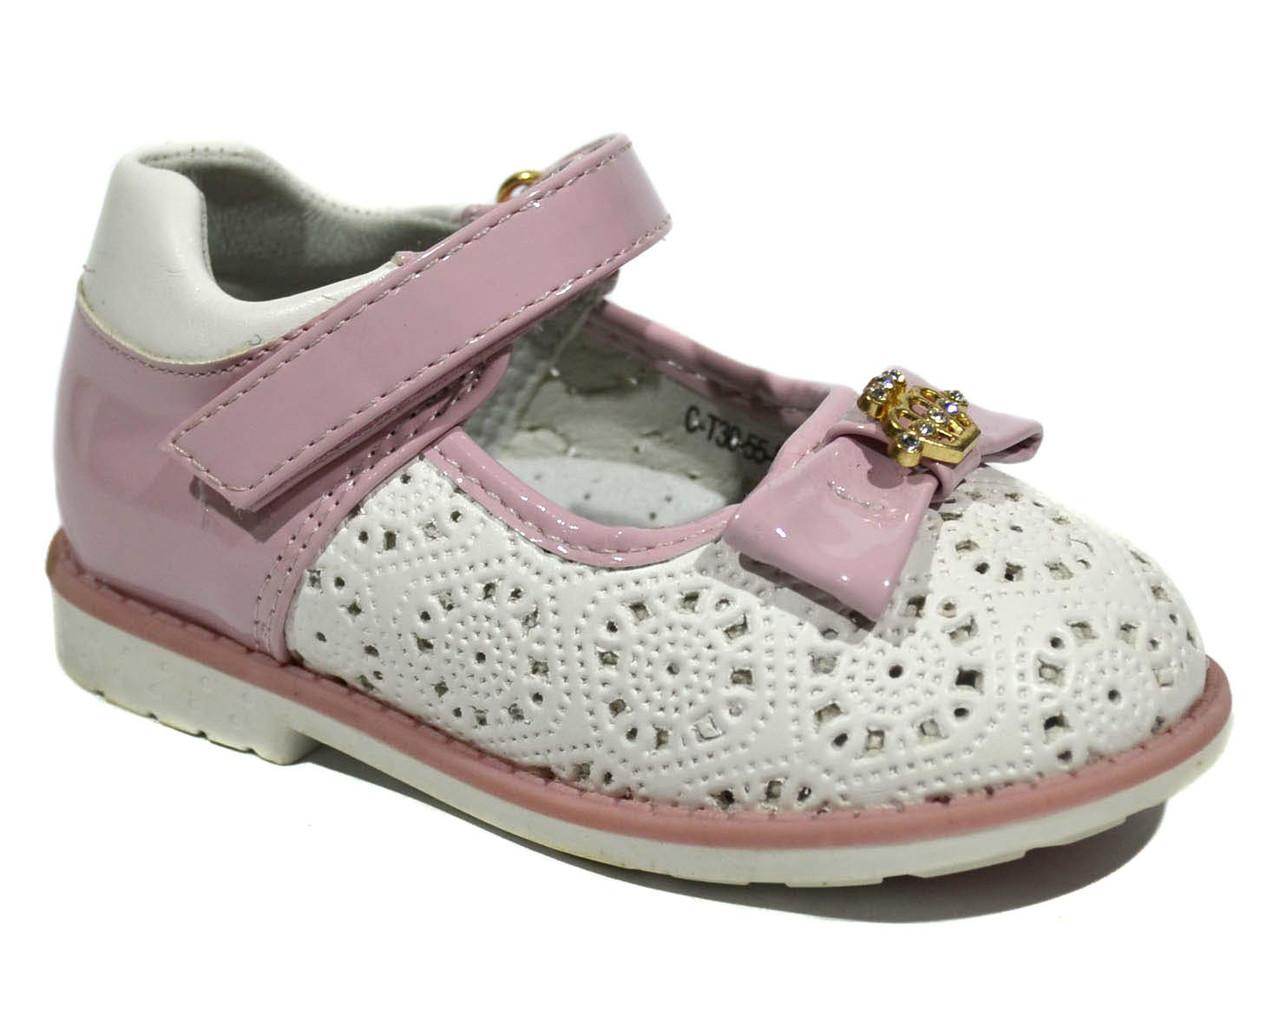 Детские туфли с перфорацией для девочки 0edcf0c742bc8